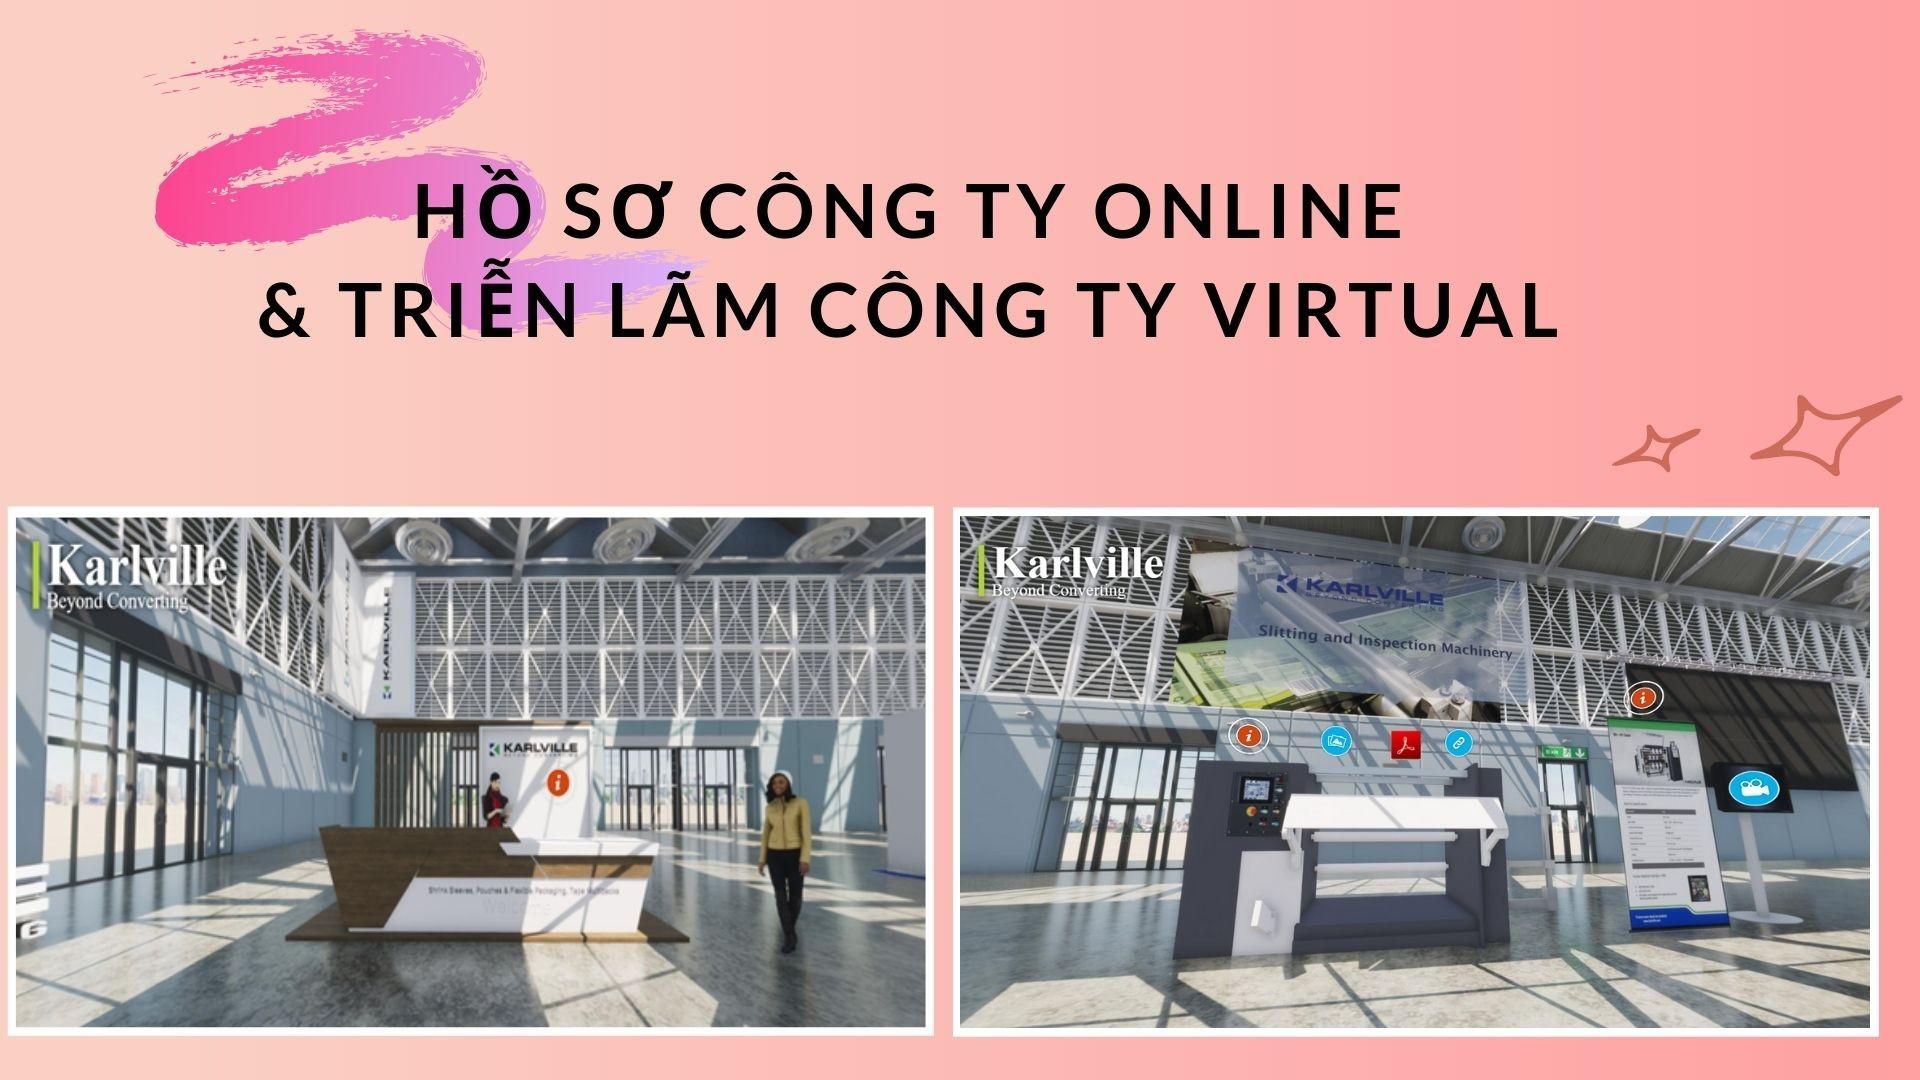 Hồ sơ công ty online & Triễn lãm công ty Virtual